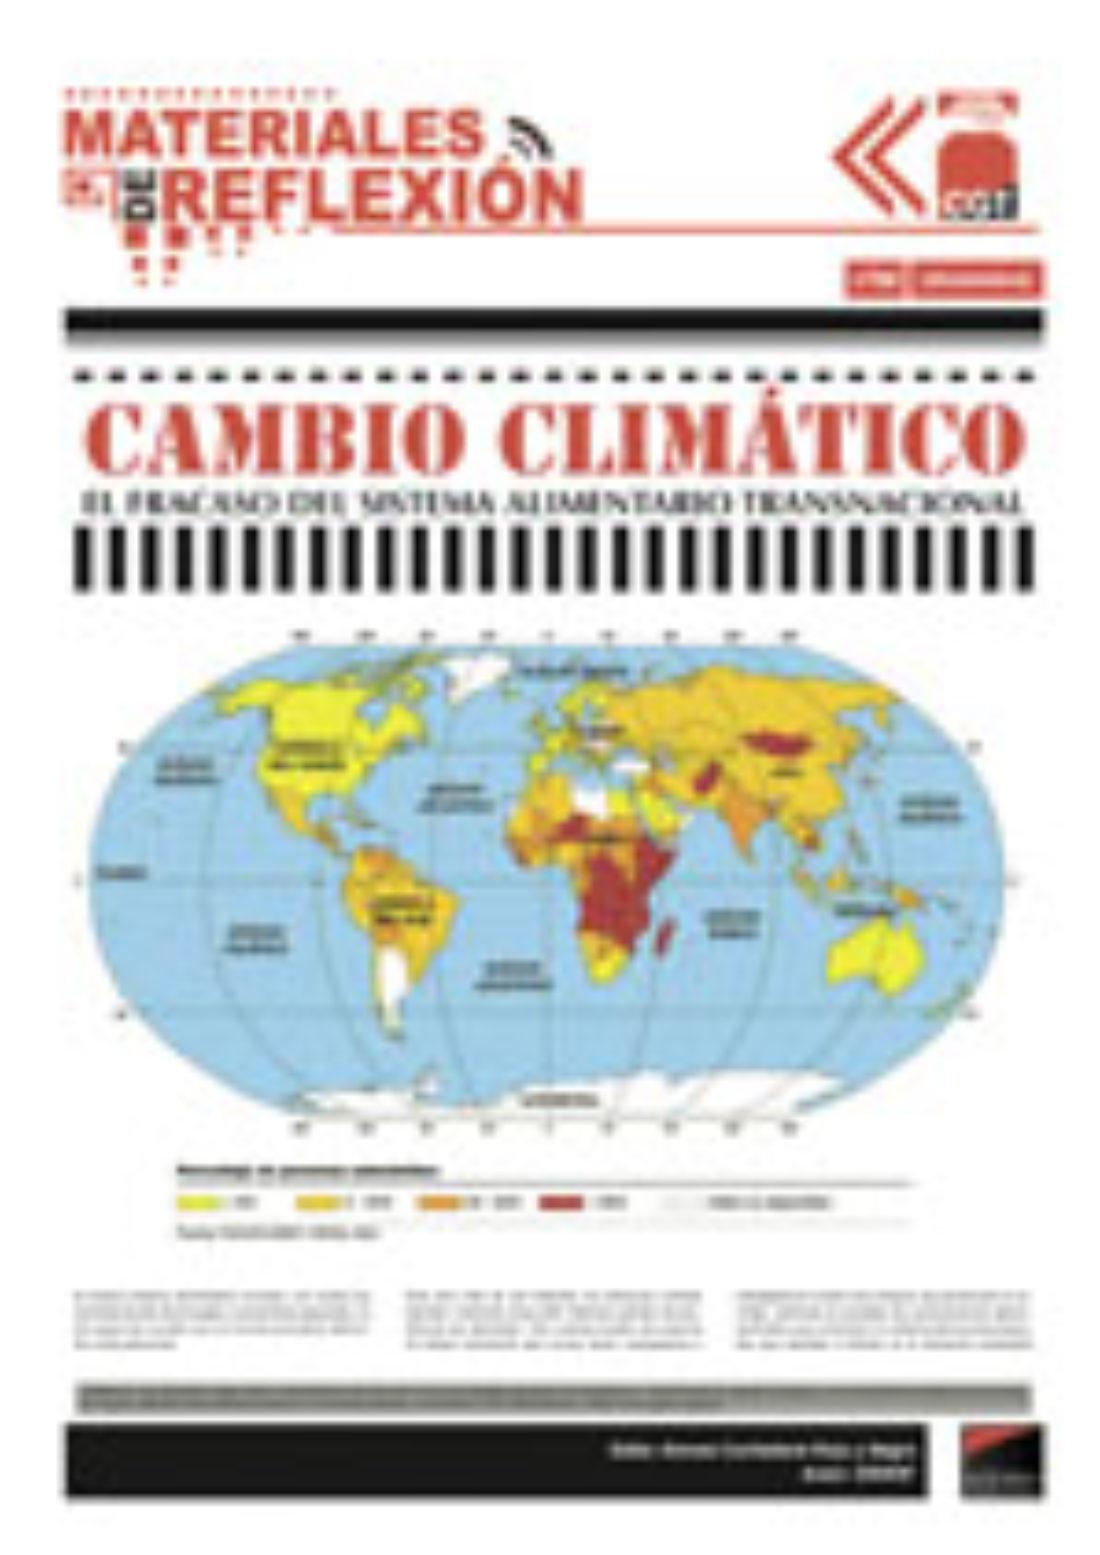 Materiales de Reflexión 68: «Cambio Climático. El fracaso del sistema alimentario transnacional»